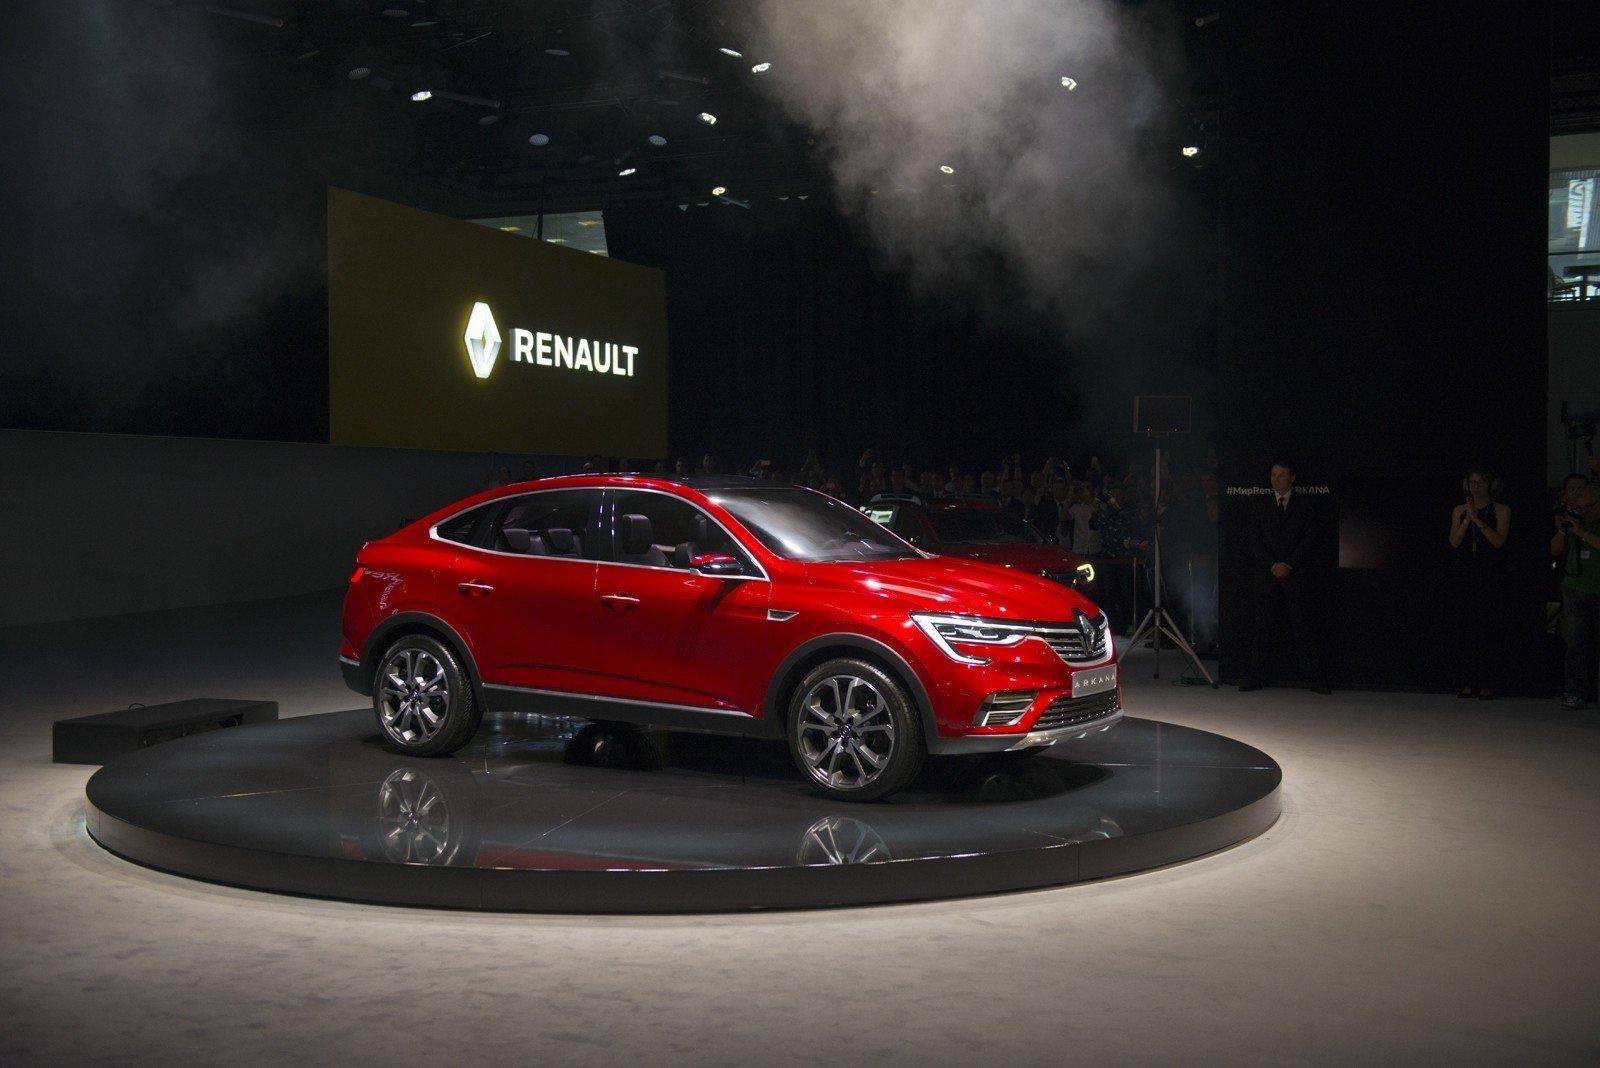 Renault на 66% локализует в РФ новый кроссовер купе Renault Arkana